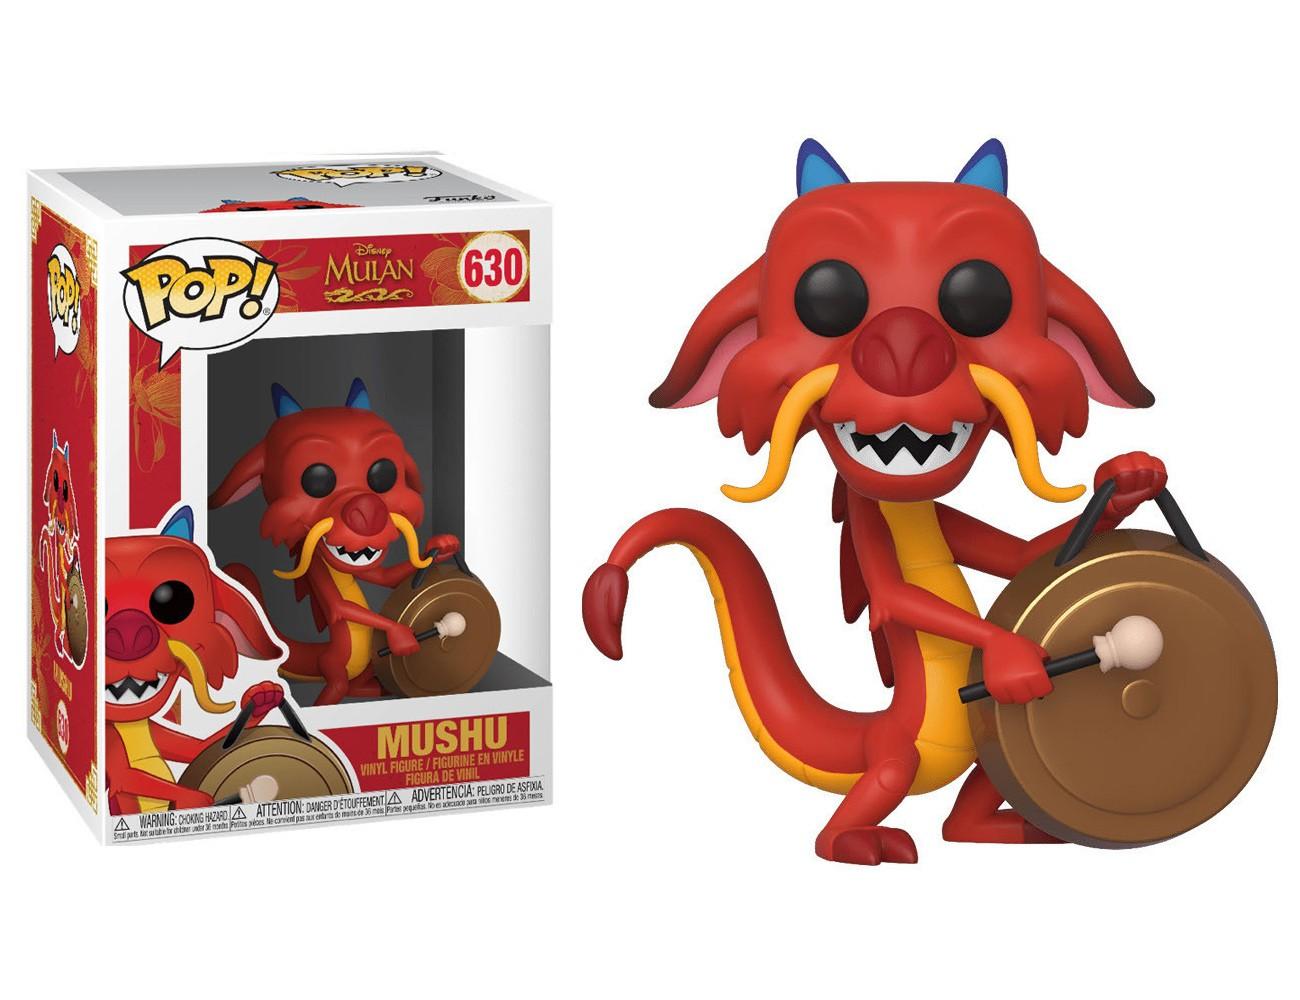 Mushu #630 - Mulan - Funko Pop! Disney